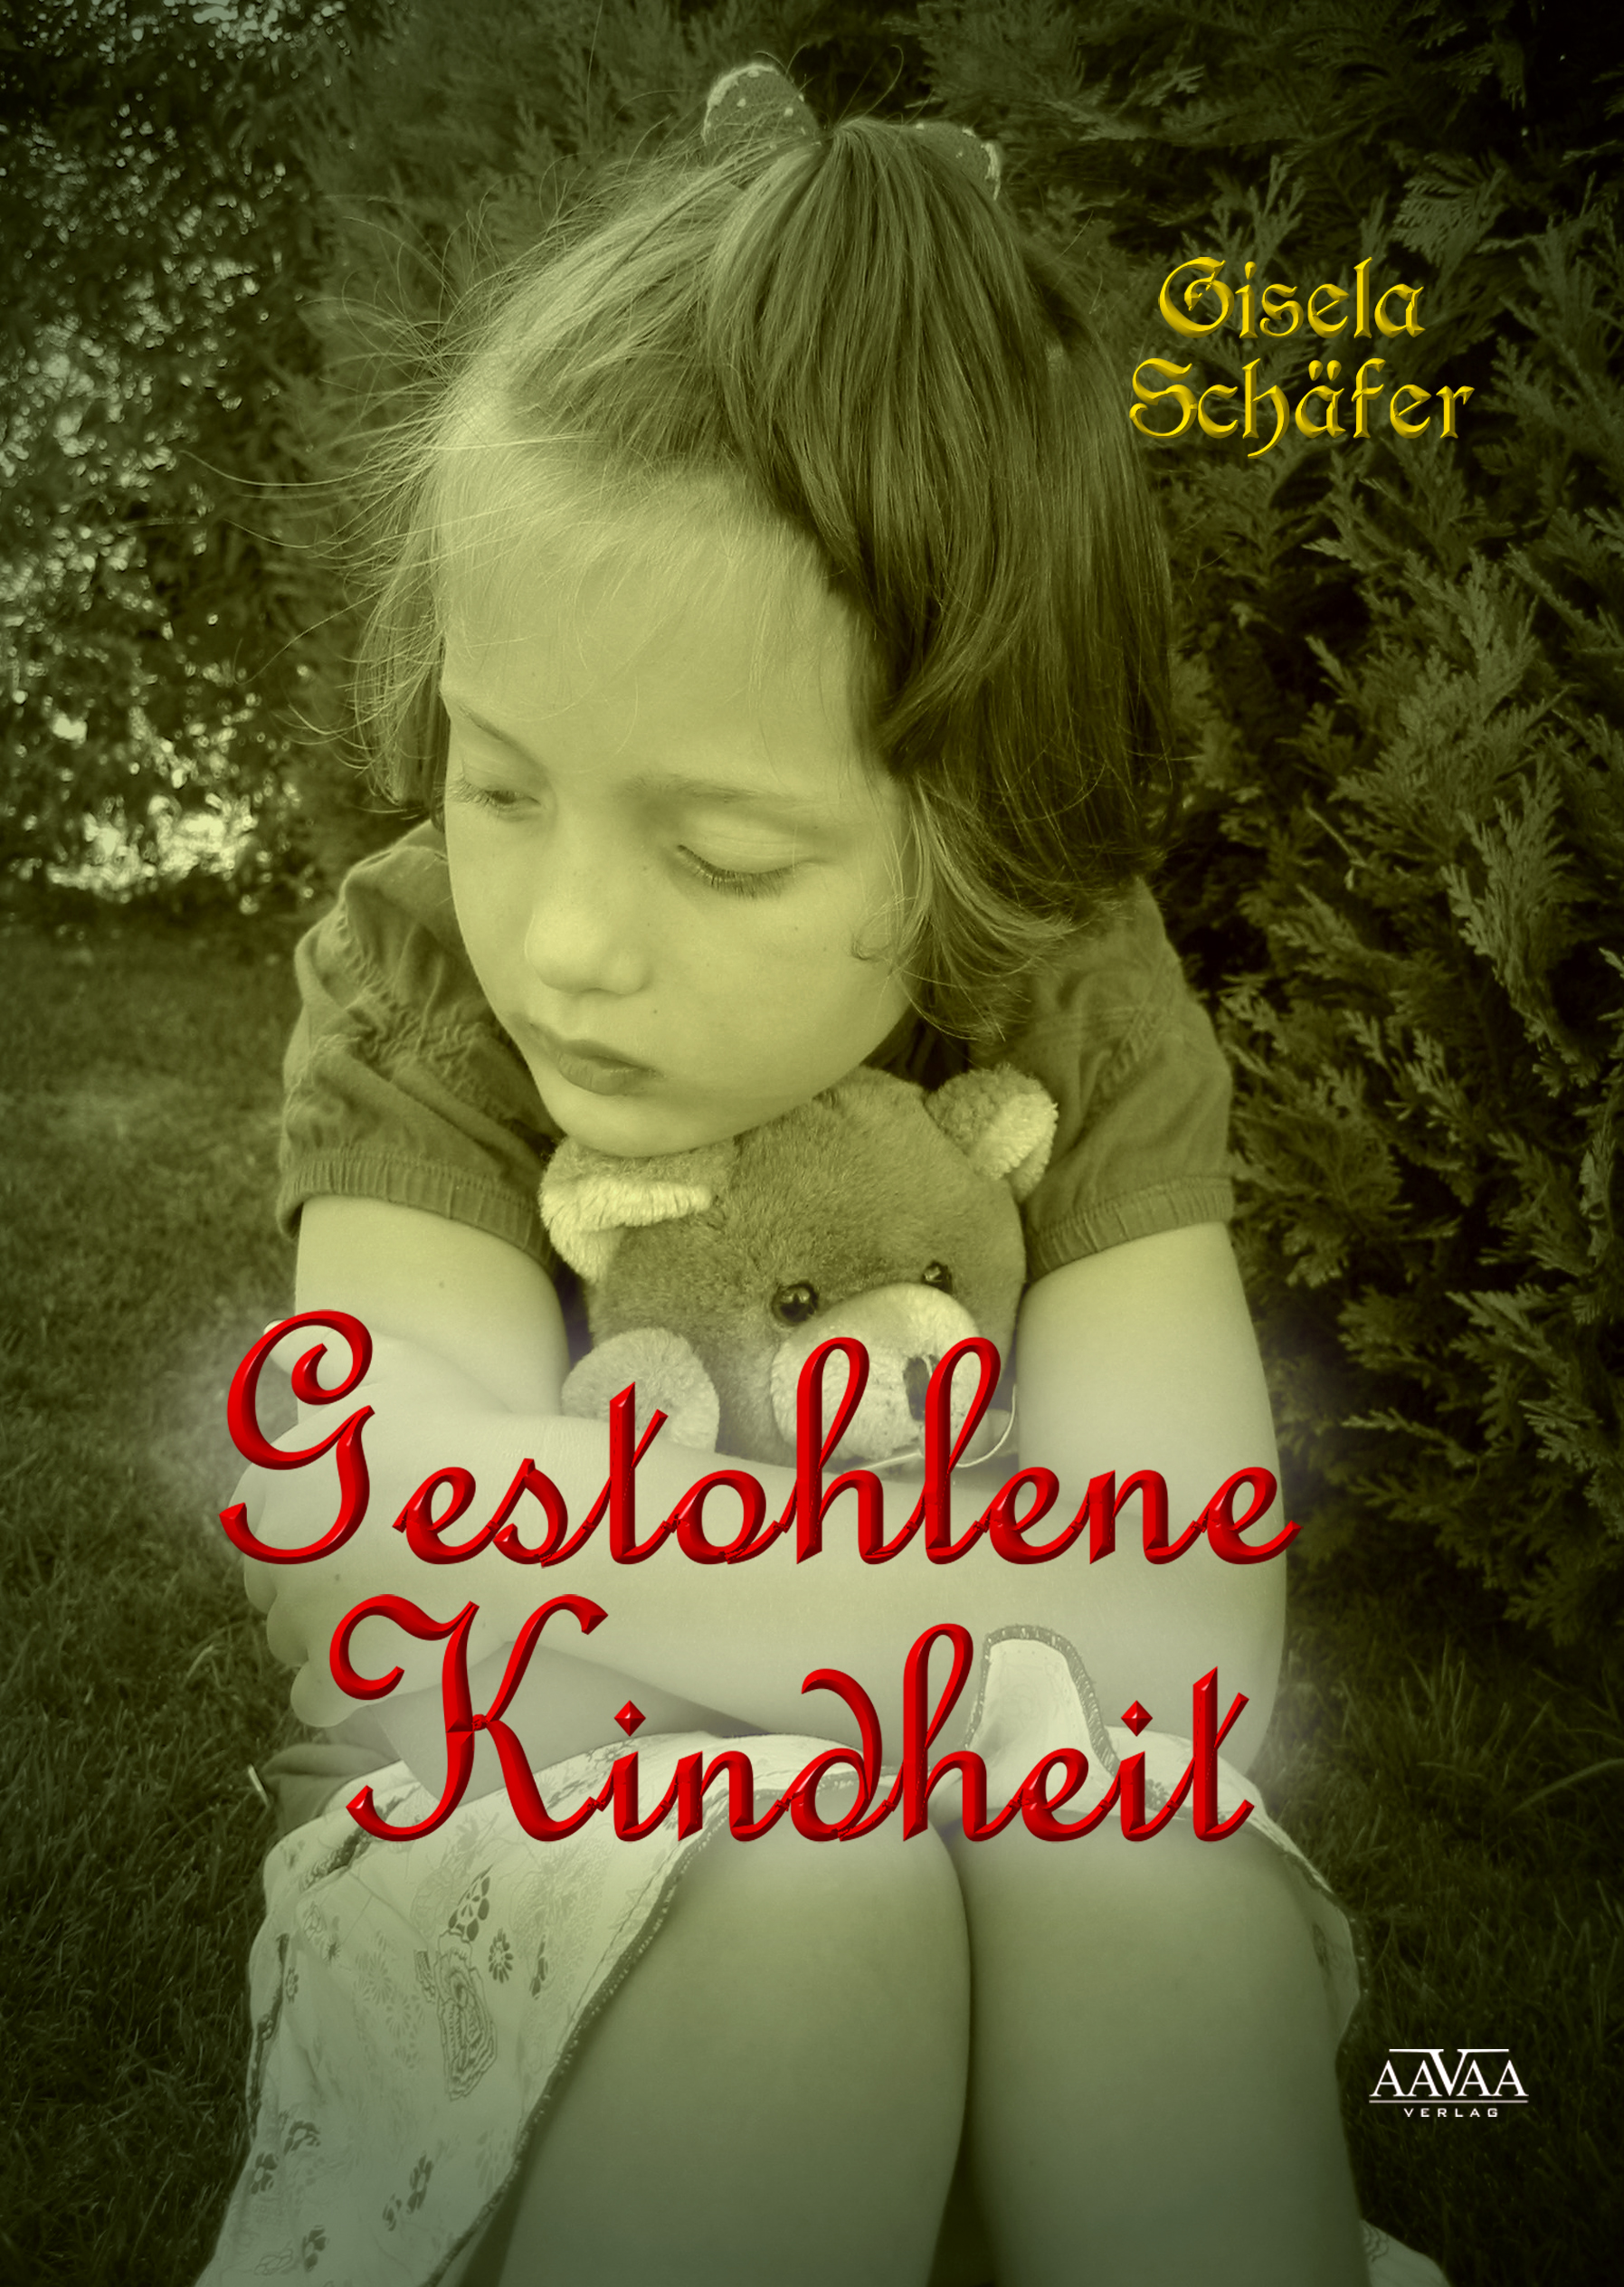 Gestohlene Kindheit - Sonderformat Großschrift Gisela Schäfer